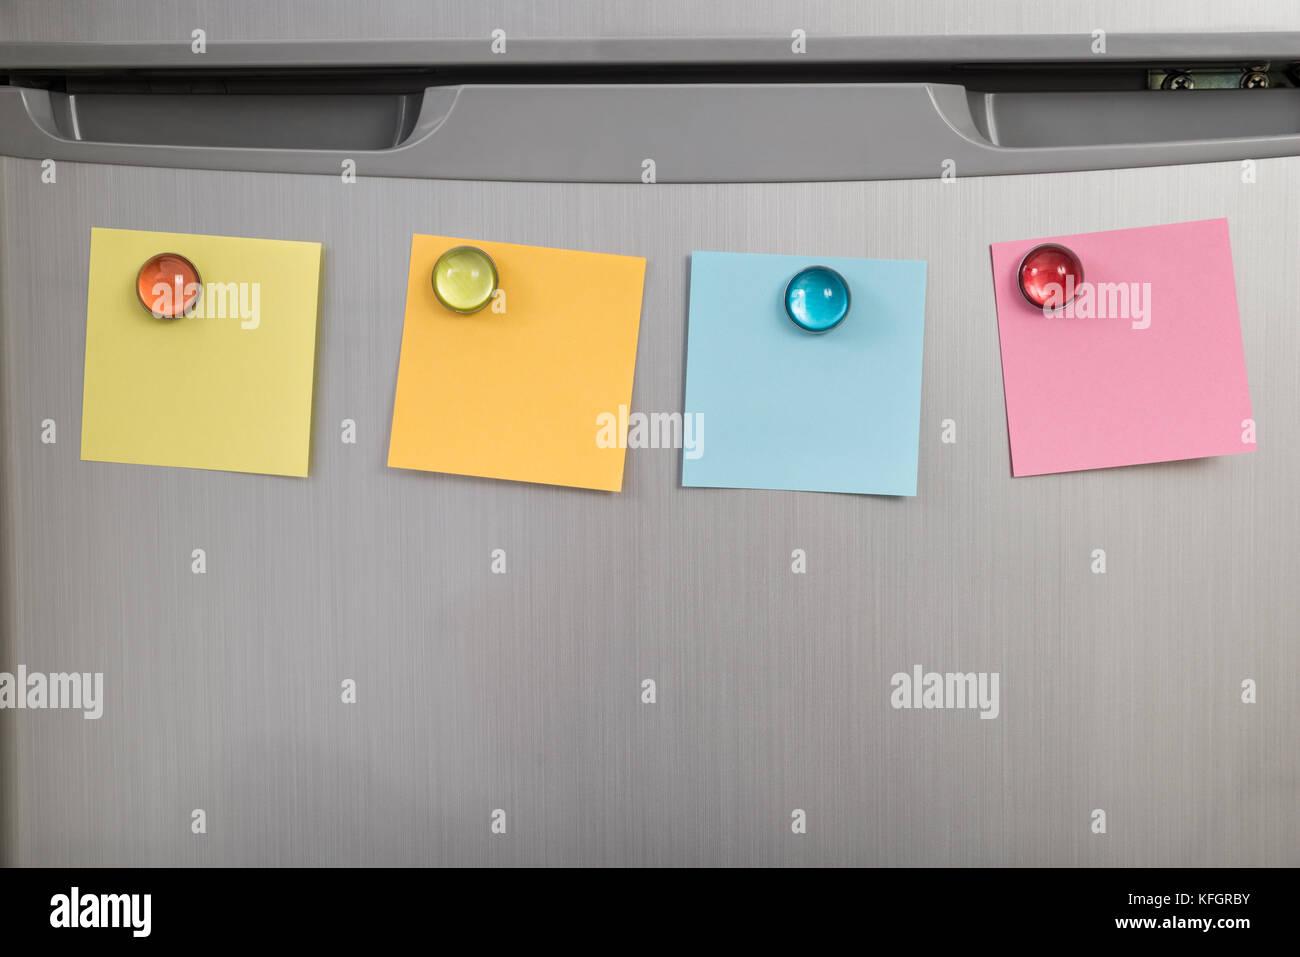 Kühlschrank Befestigung Tür : Grau kühlschrank tür mit bunten noten mit magneten veröffentlicht